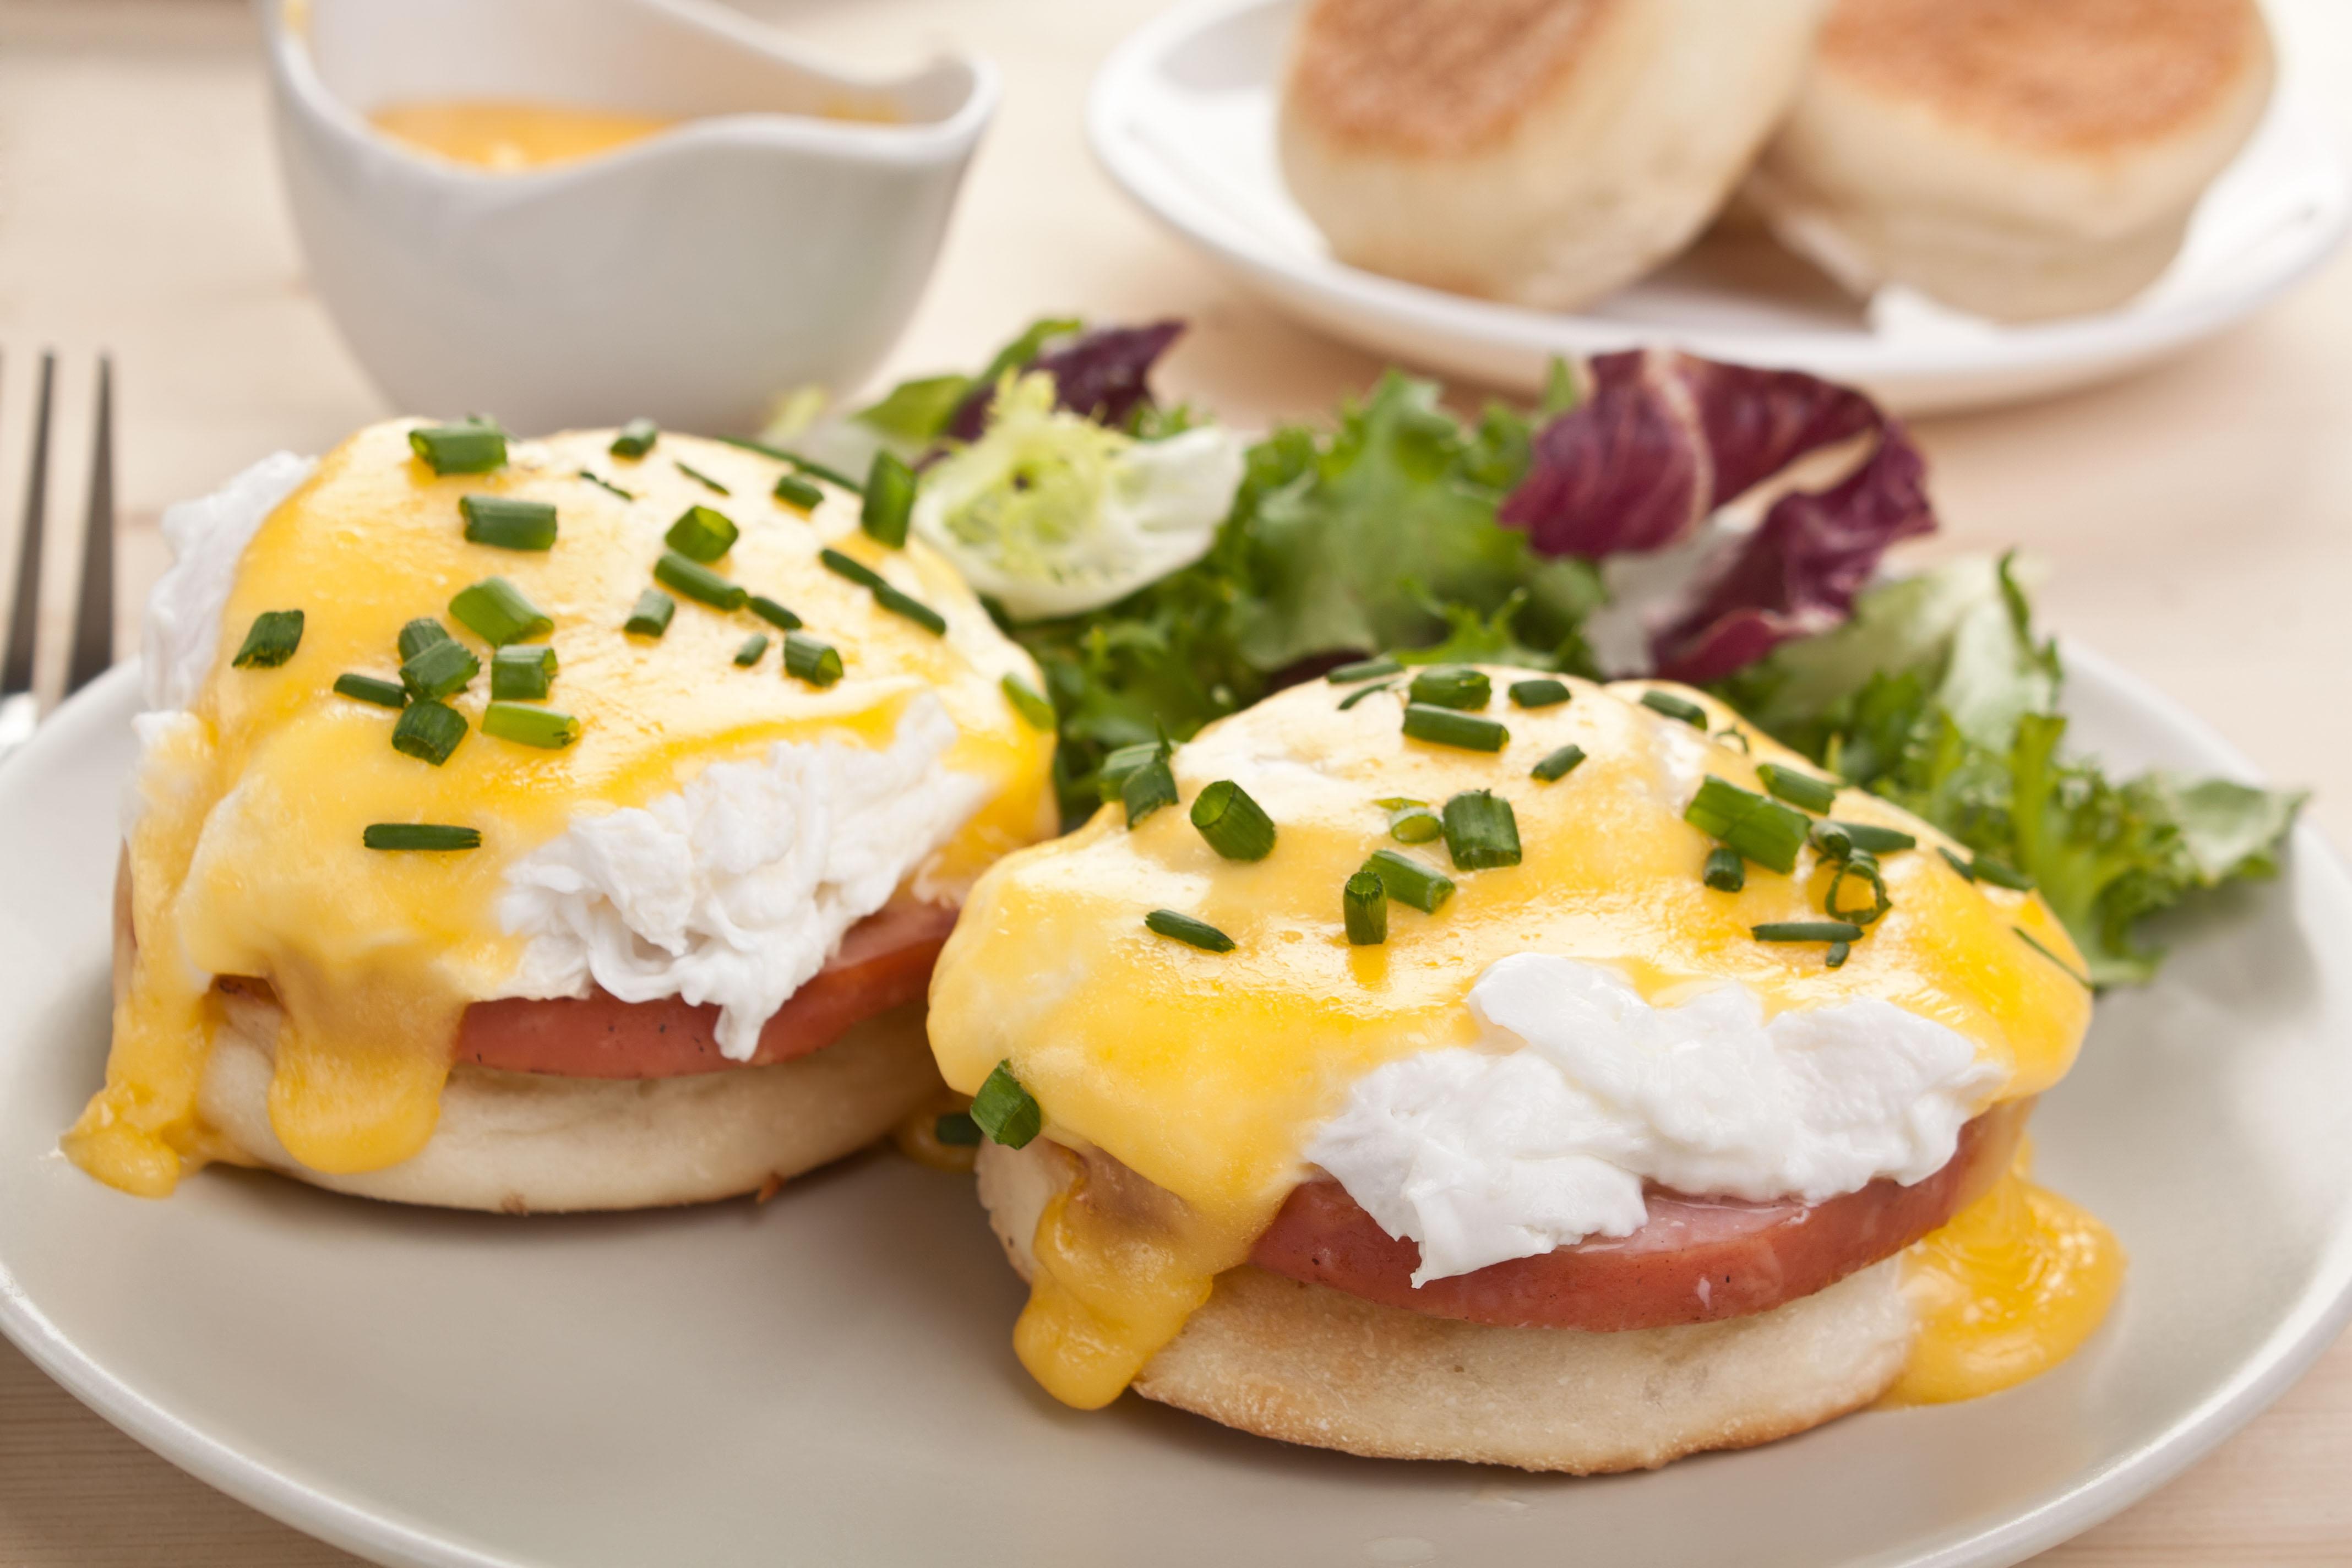 Ovos Benedict é nutritivo e refinado! Surpreenda o paladar na próxima refeição! / GB Imagem